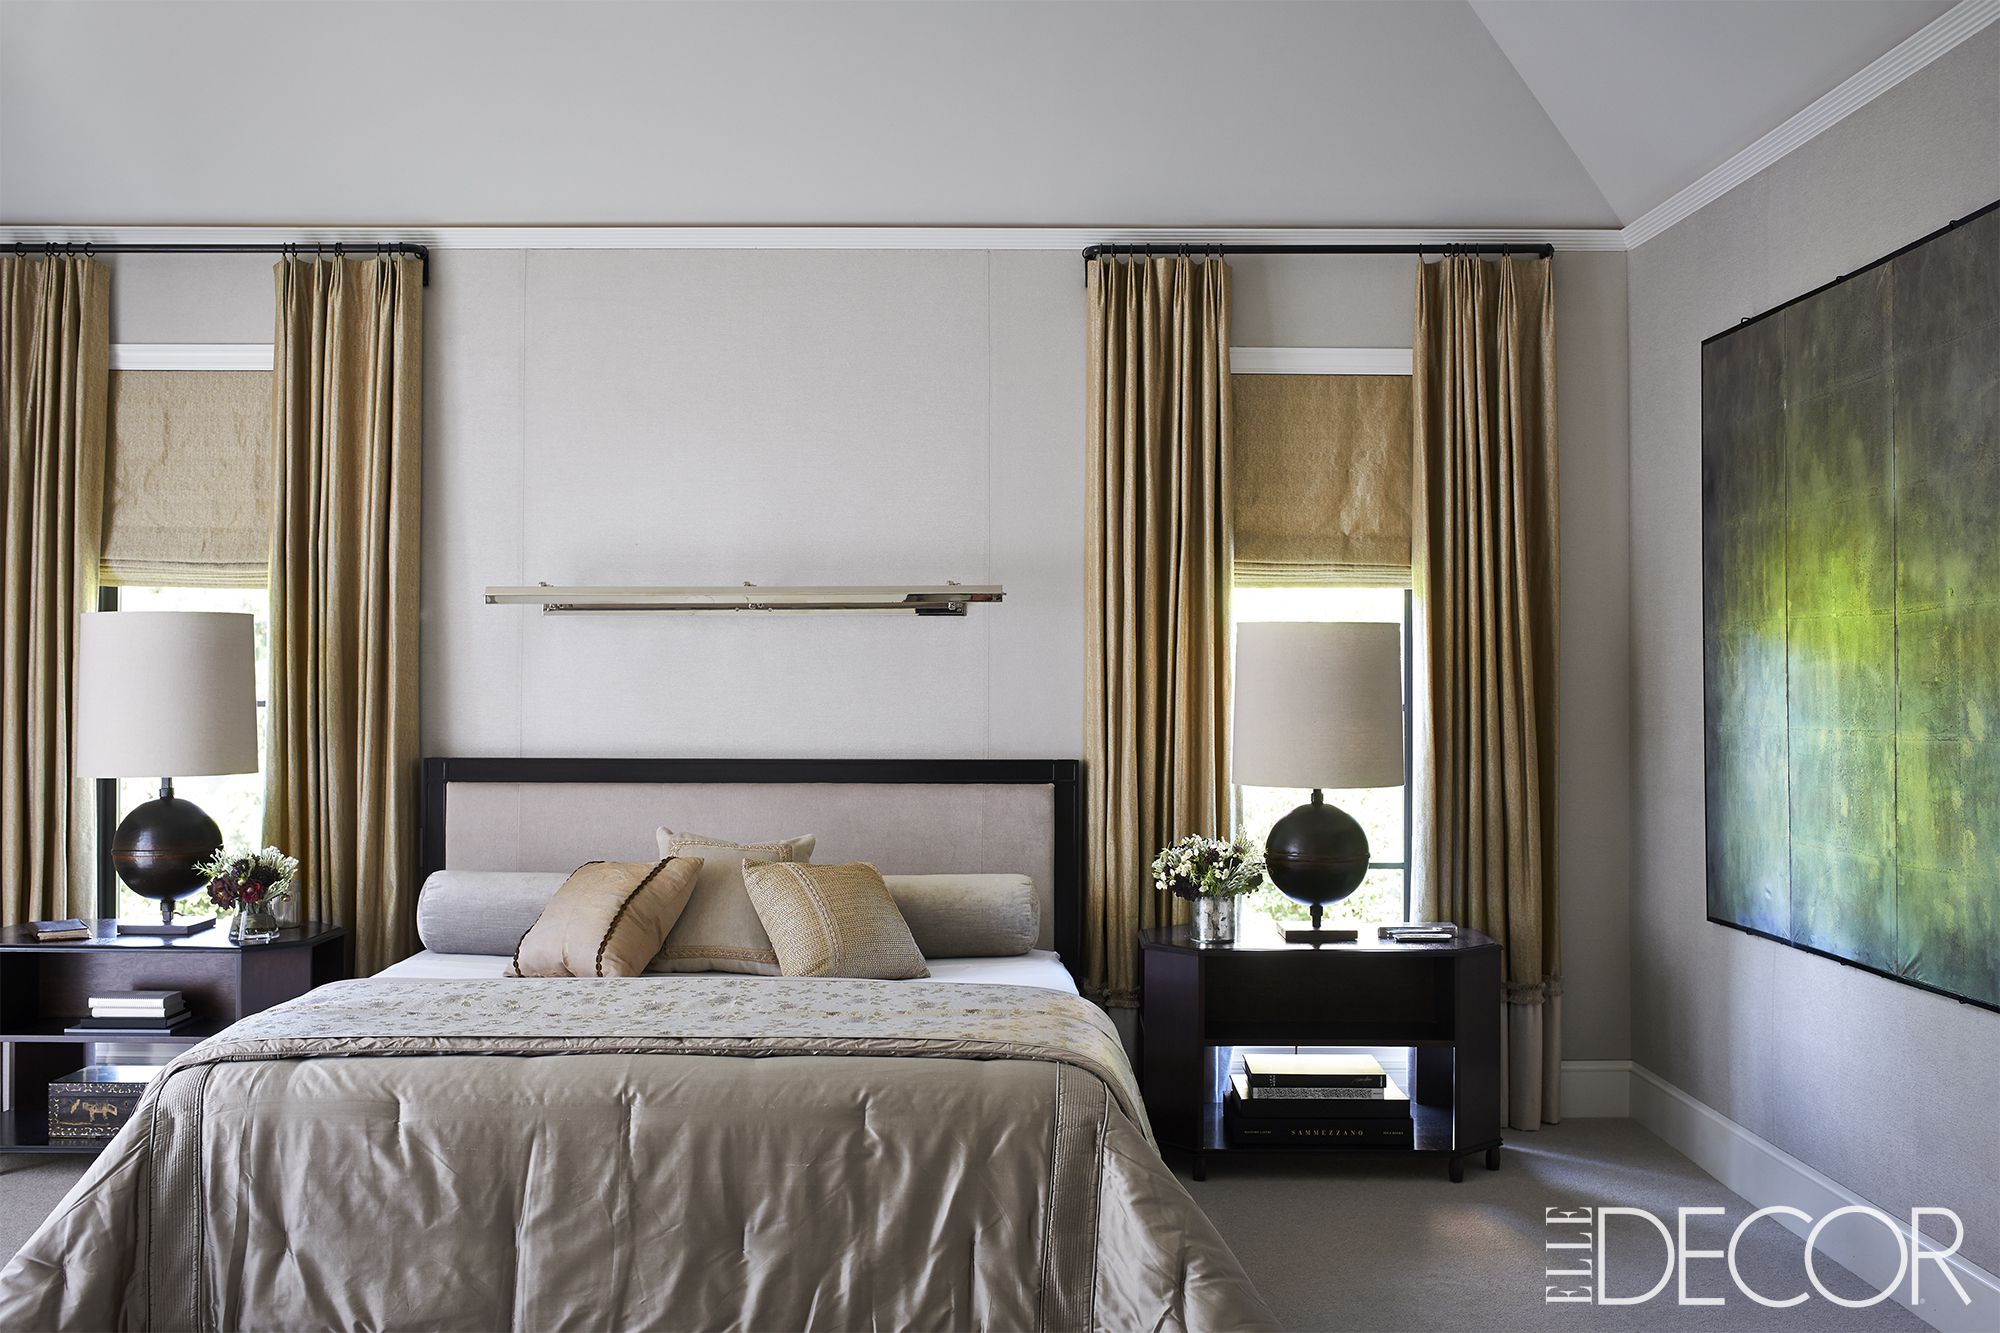 35 bedroom lighting ideas - best lights for bedrooms BNKWFZS